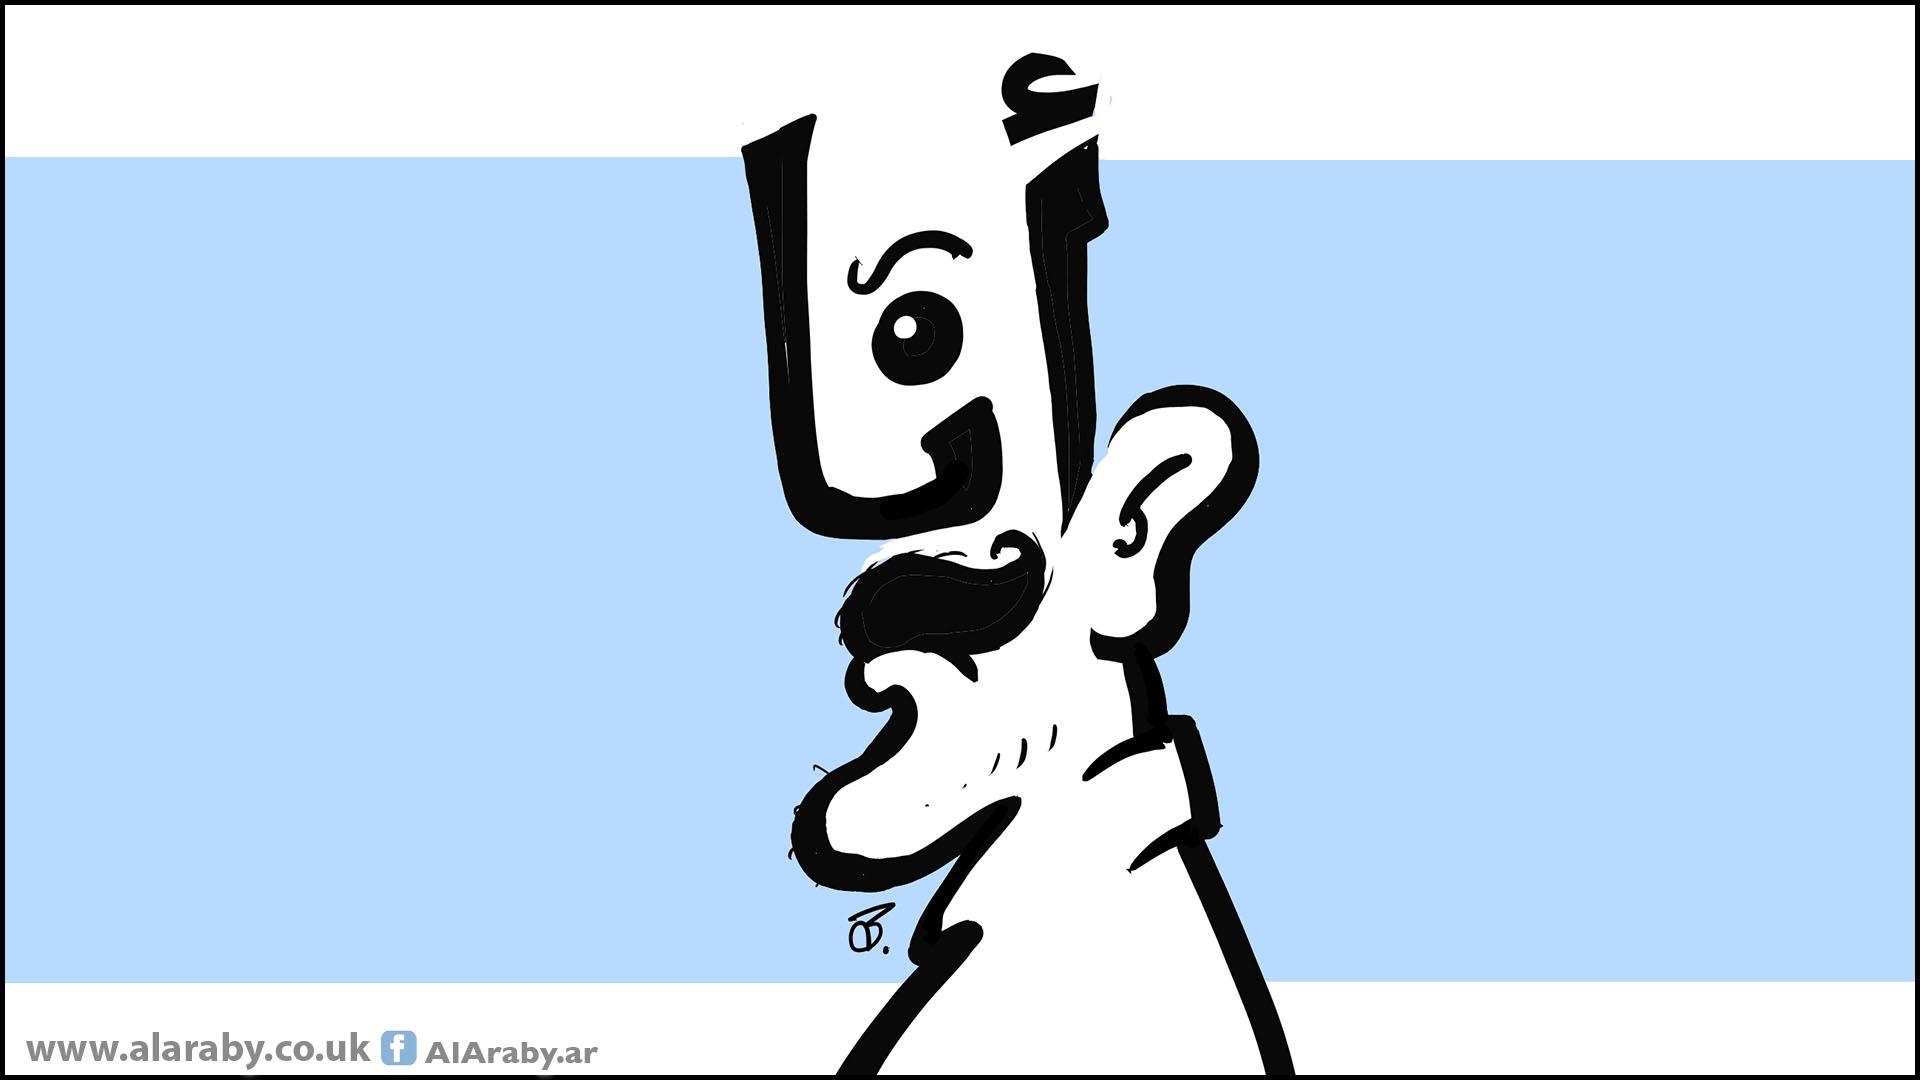 الولاية على المرأة قوانين ذكورية/ جريدة العرب اللندنية